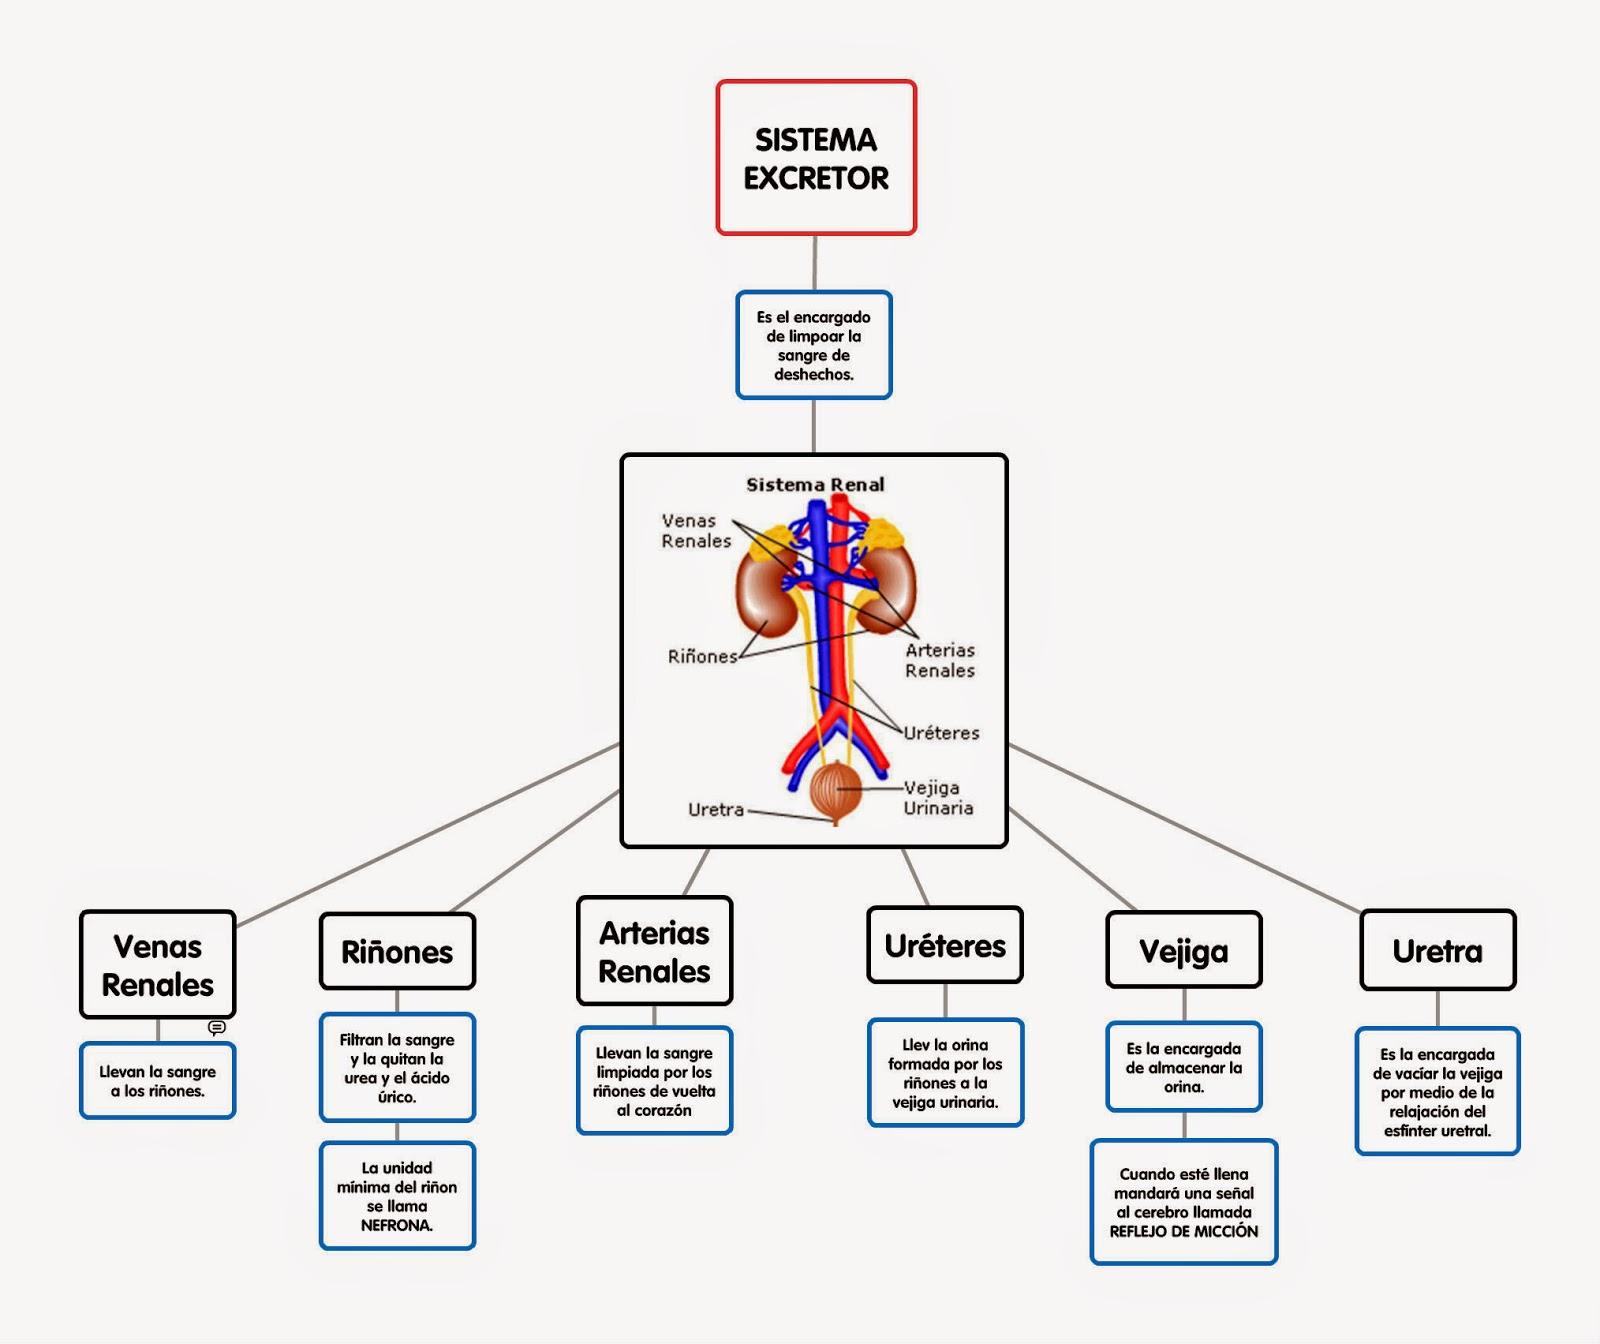 Moderno Imagen De Sistema Excretor Motivo - Imágenes de Anatomía ...